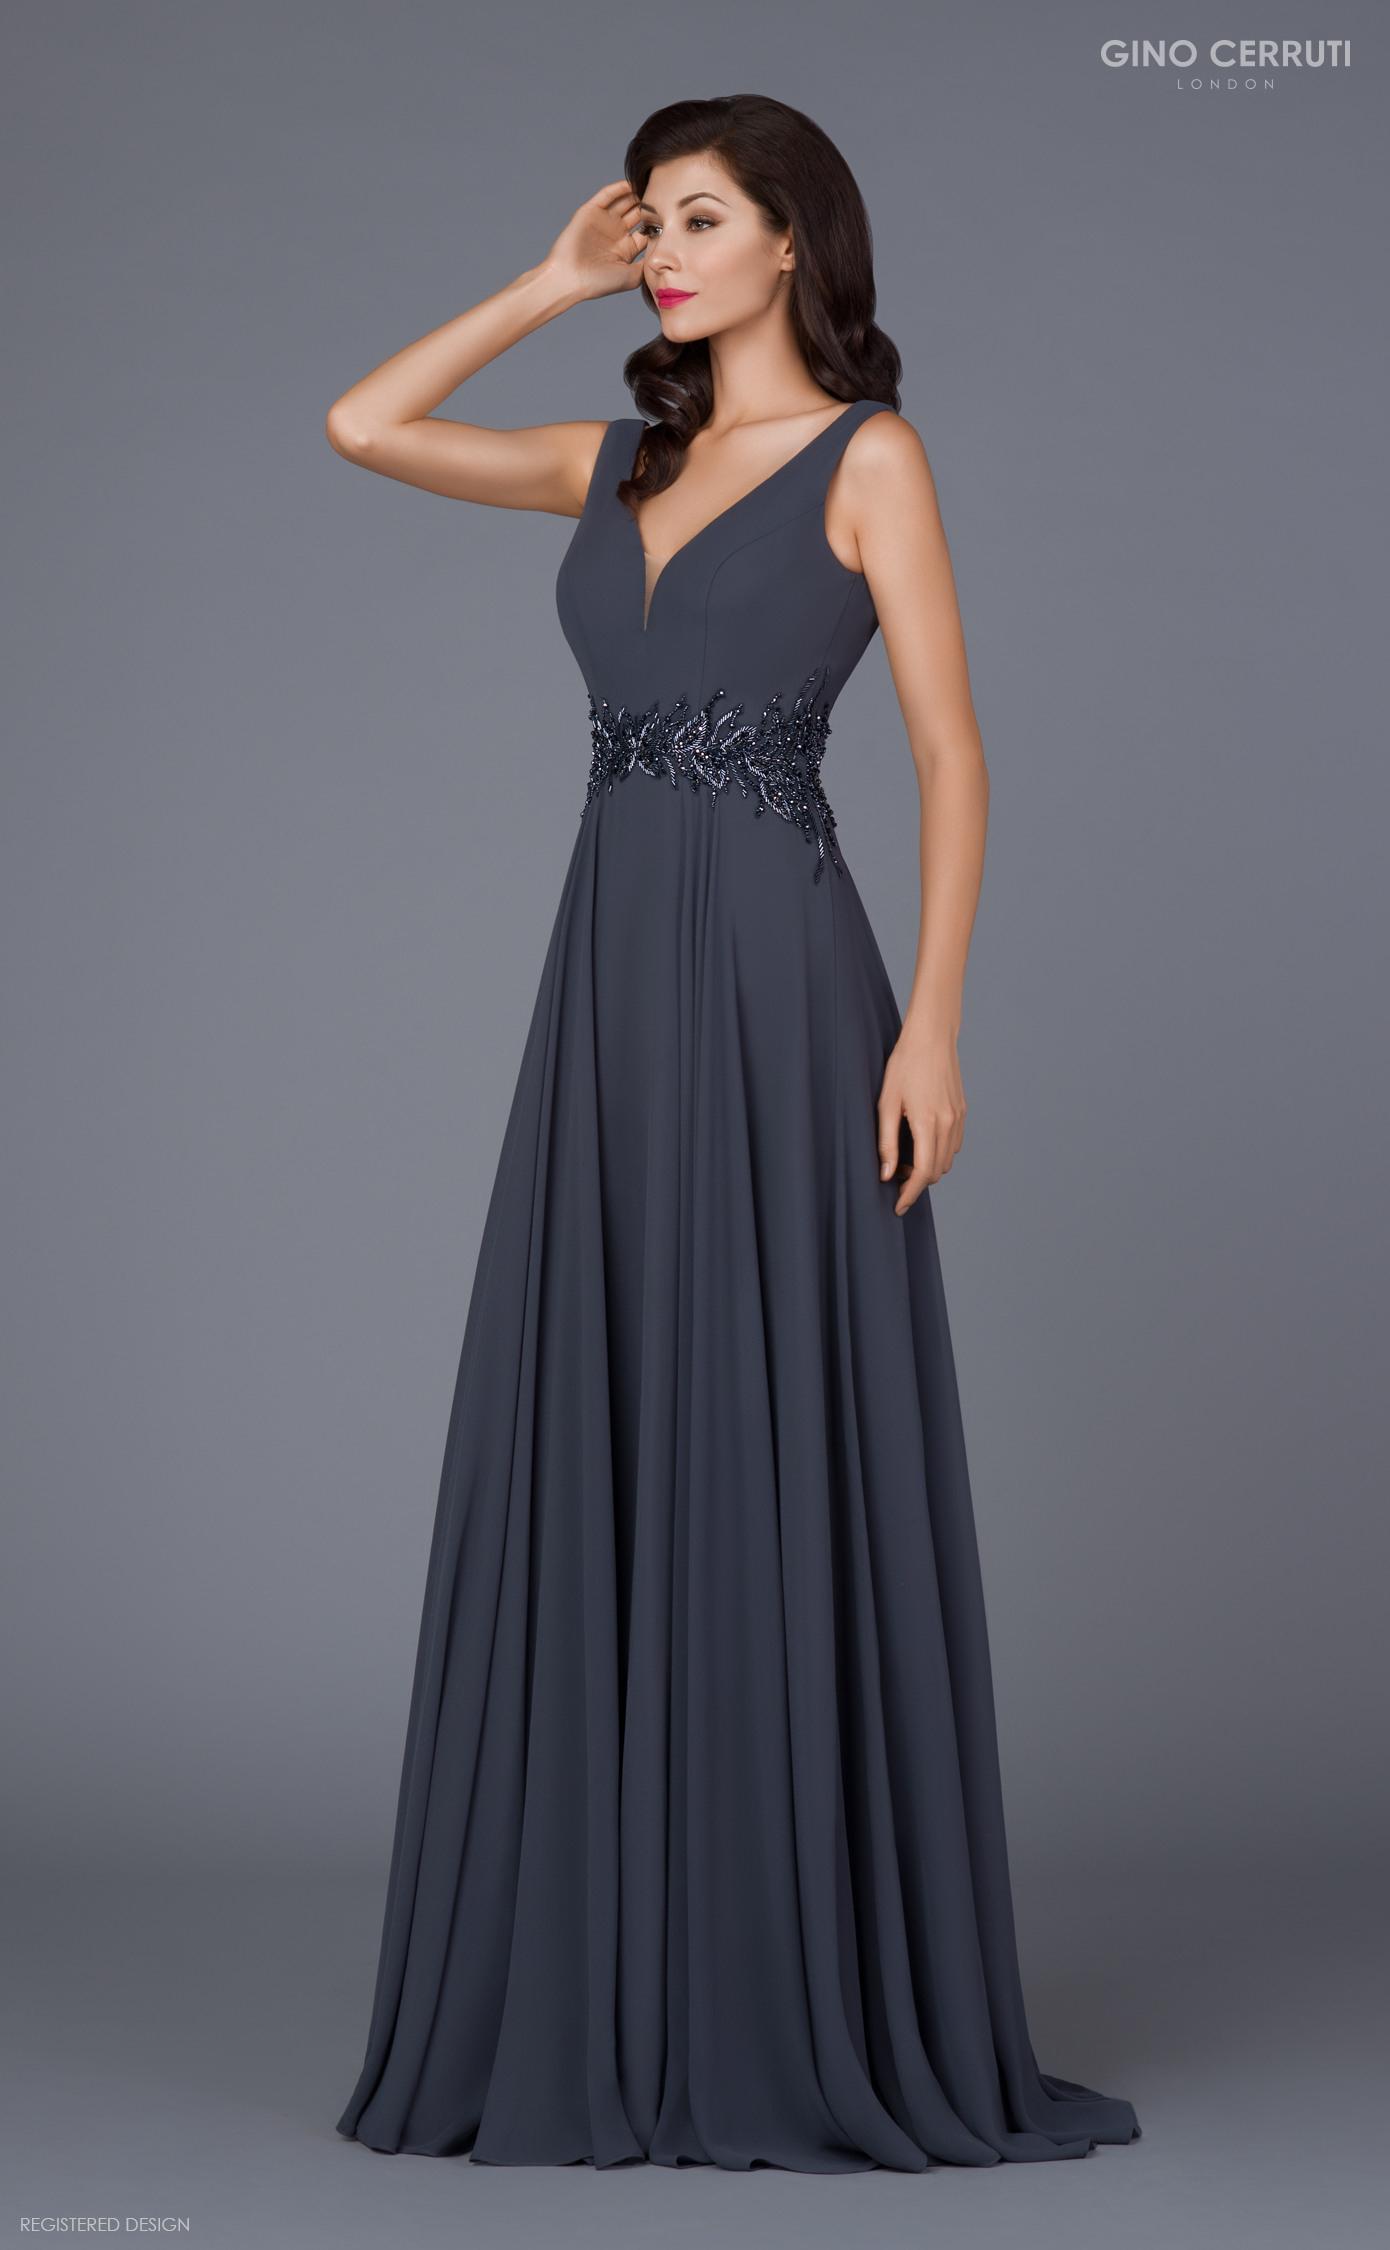 Designer Fantastisch Reduzierte Abendkleider DesignFormal Top Reduzierte Abendkleider Stylish